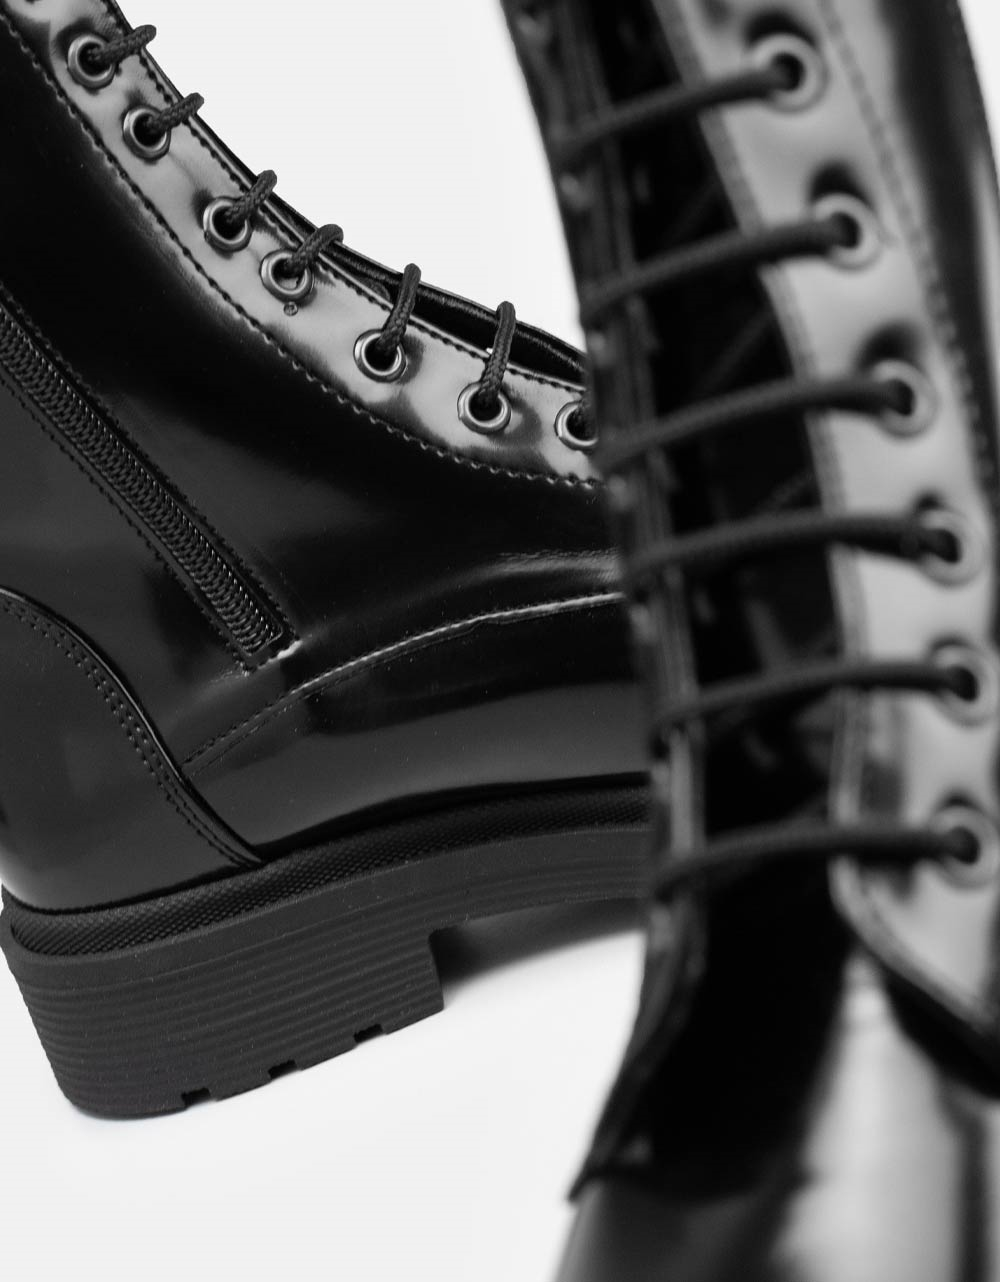 Εικόνα από Γυναικεία μποτάκια σε απλή γραμμή λουστρίνι μονόχρωμα Μαύρο